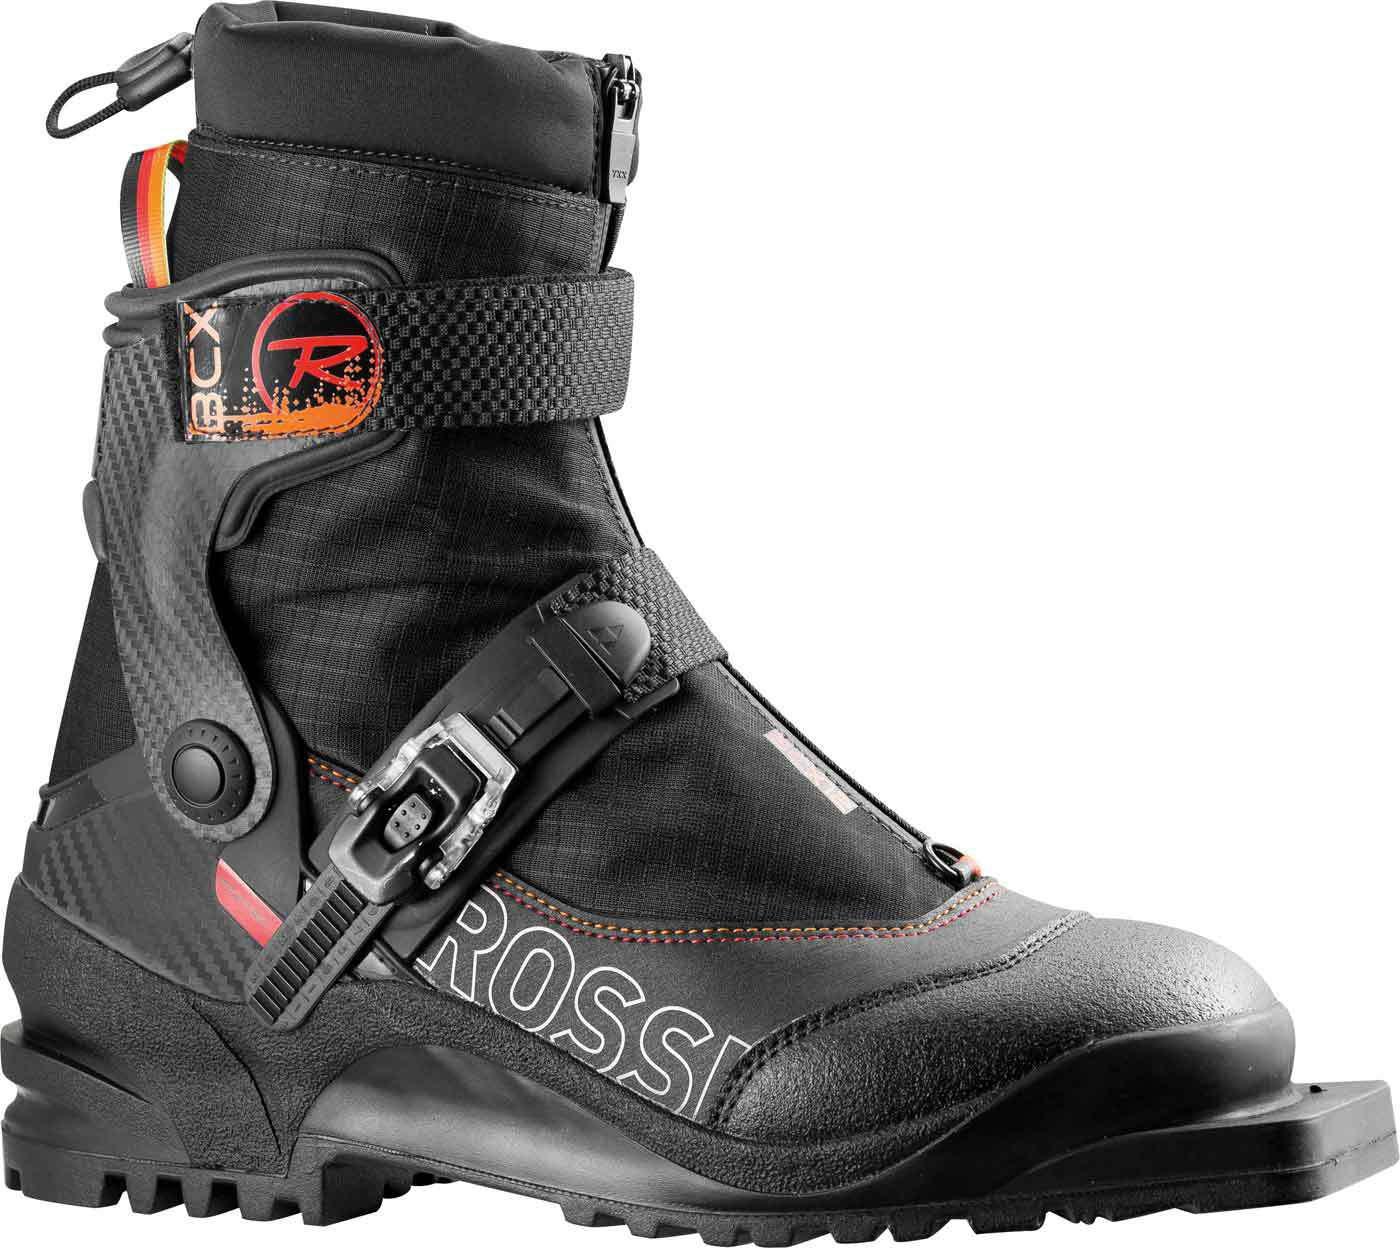 Rossignol BC X12